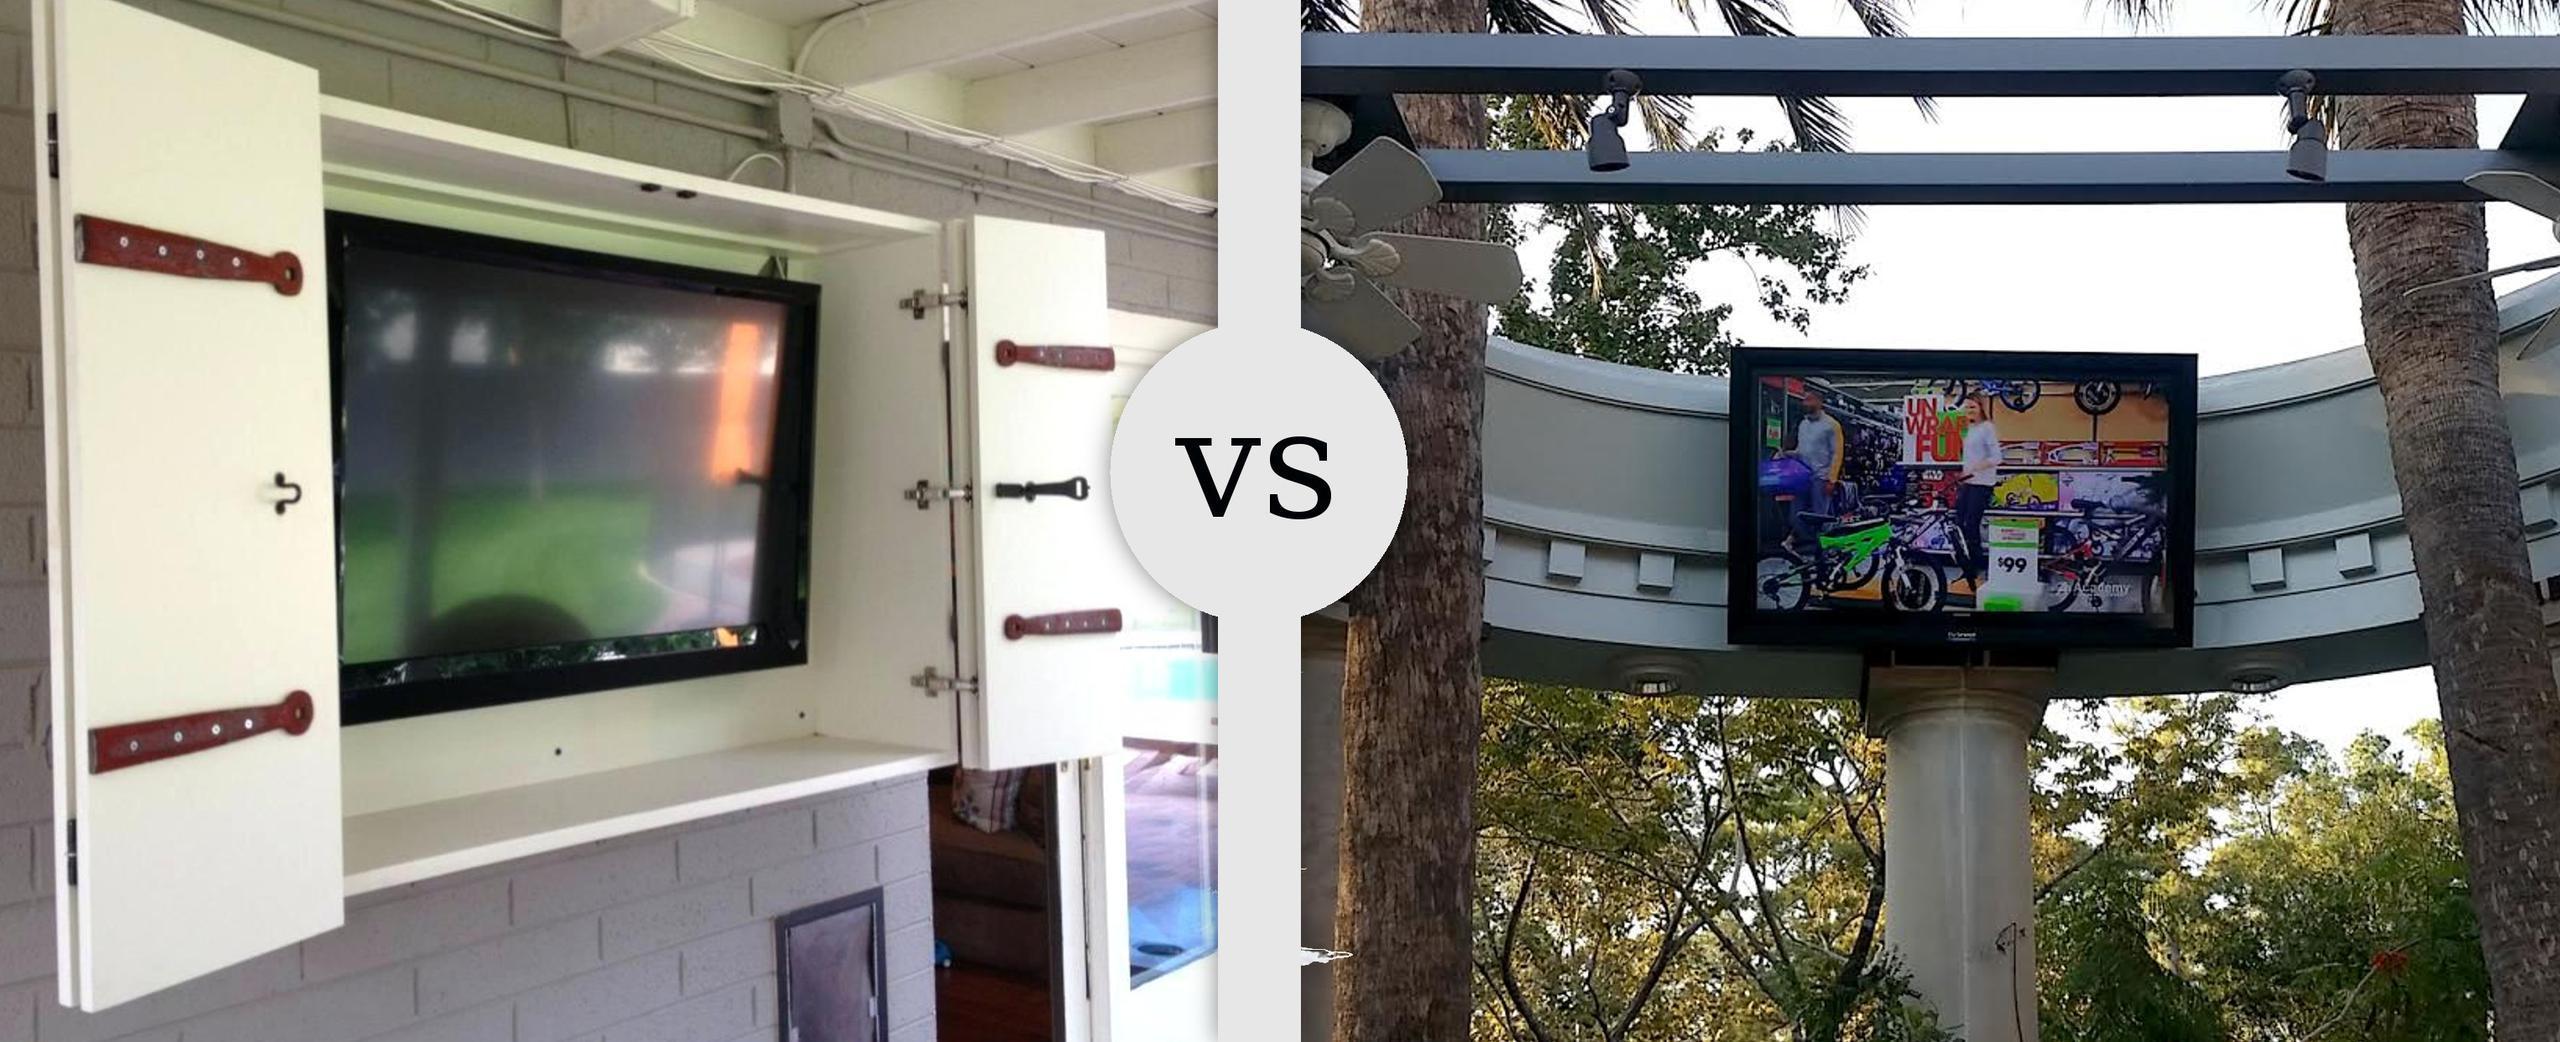 weatherproof outdoor tv cabinet for